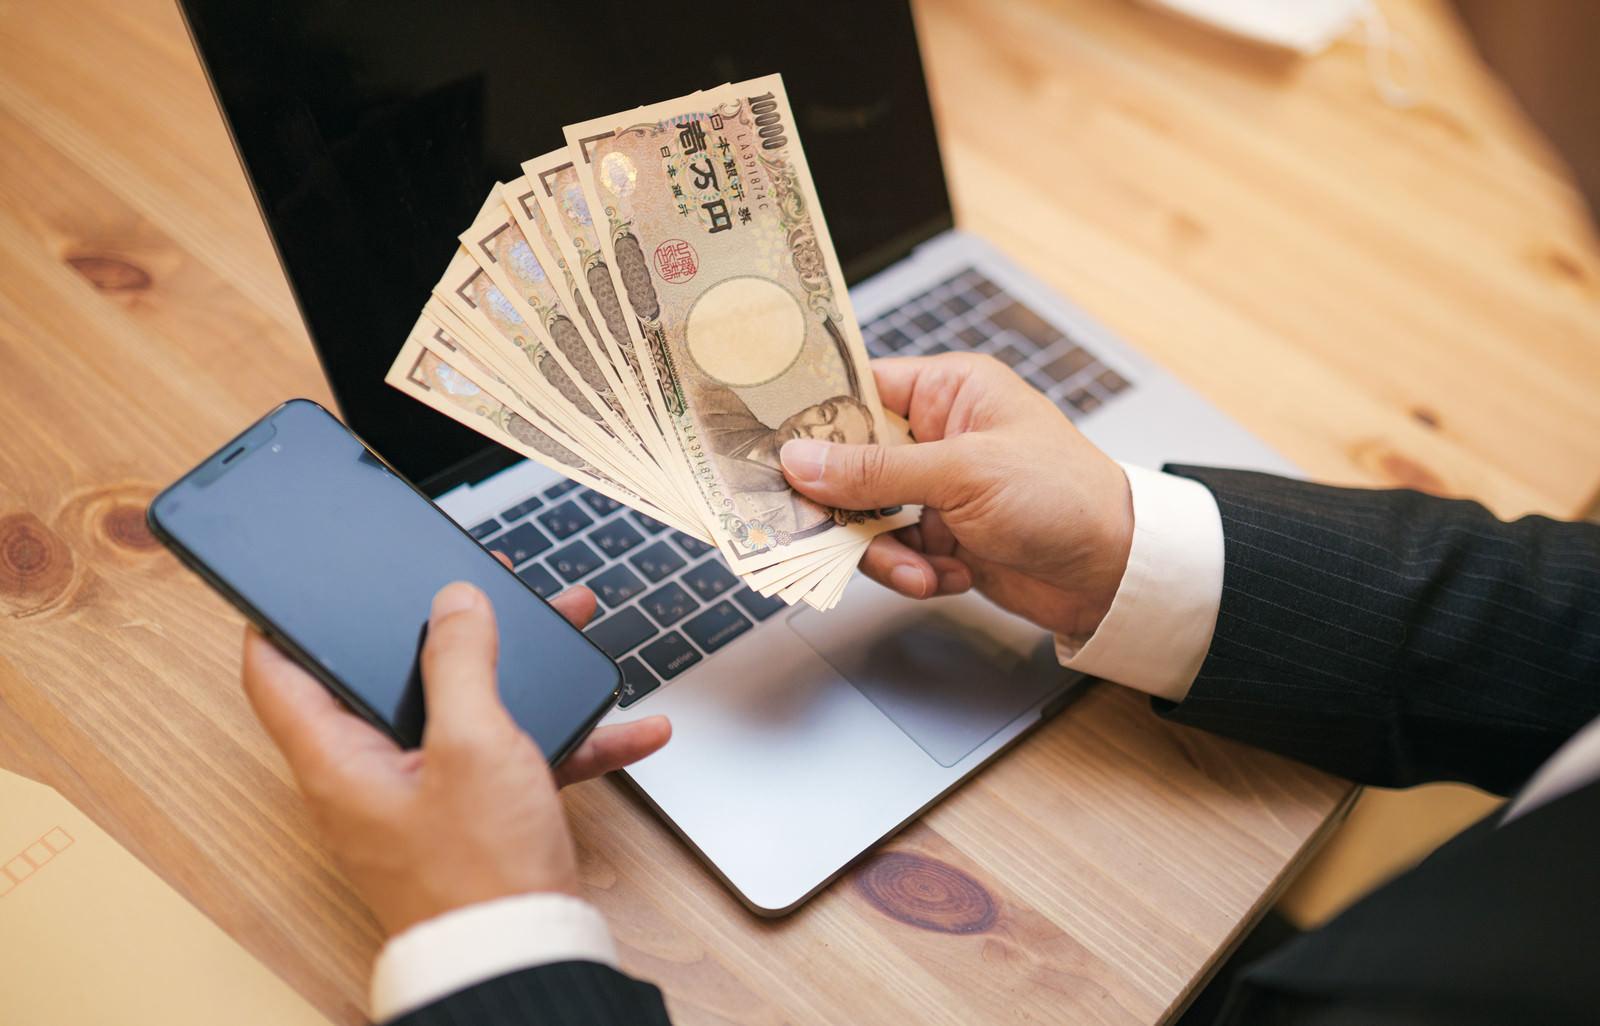 「10万円とスマートフォンとパソコン」の写真